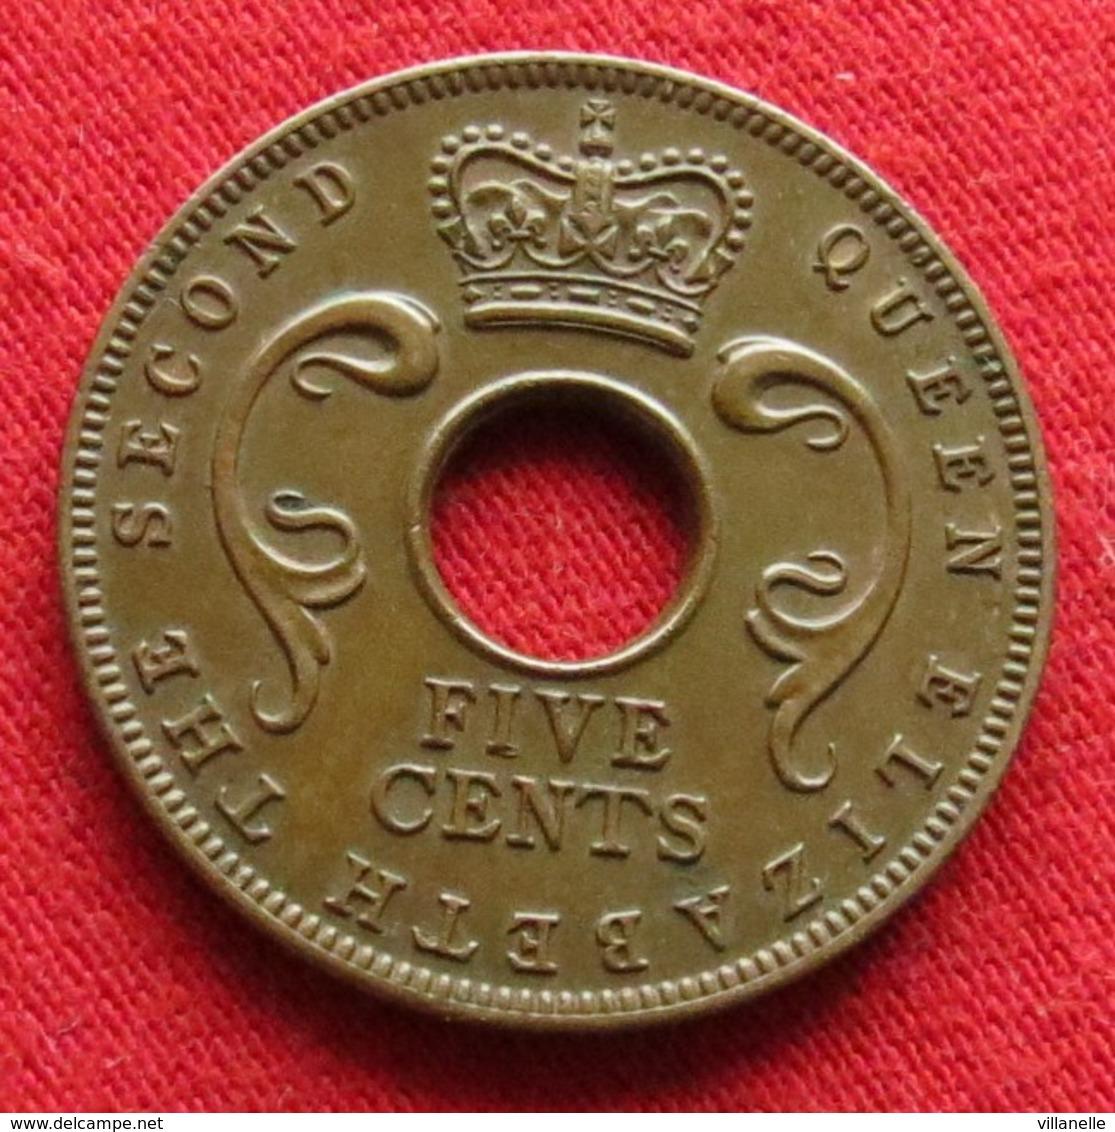 East Africa 5 Cents 1955  Africa Oriental Afrique Afrika Wºº - Monnaies